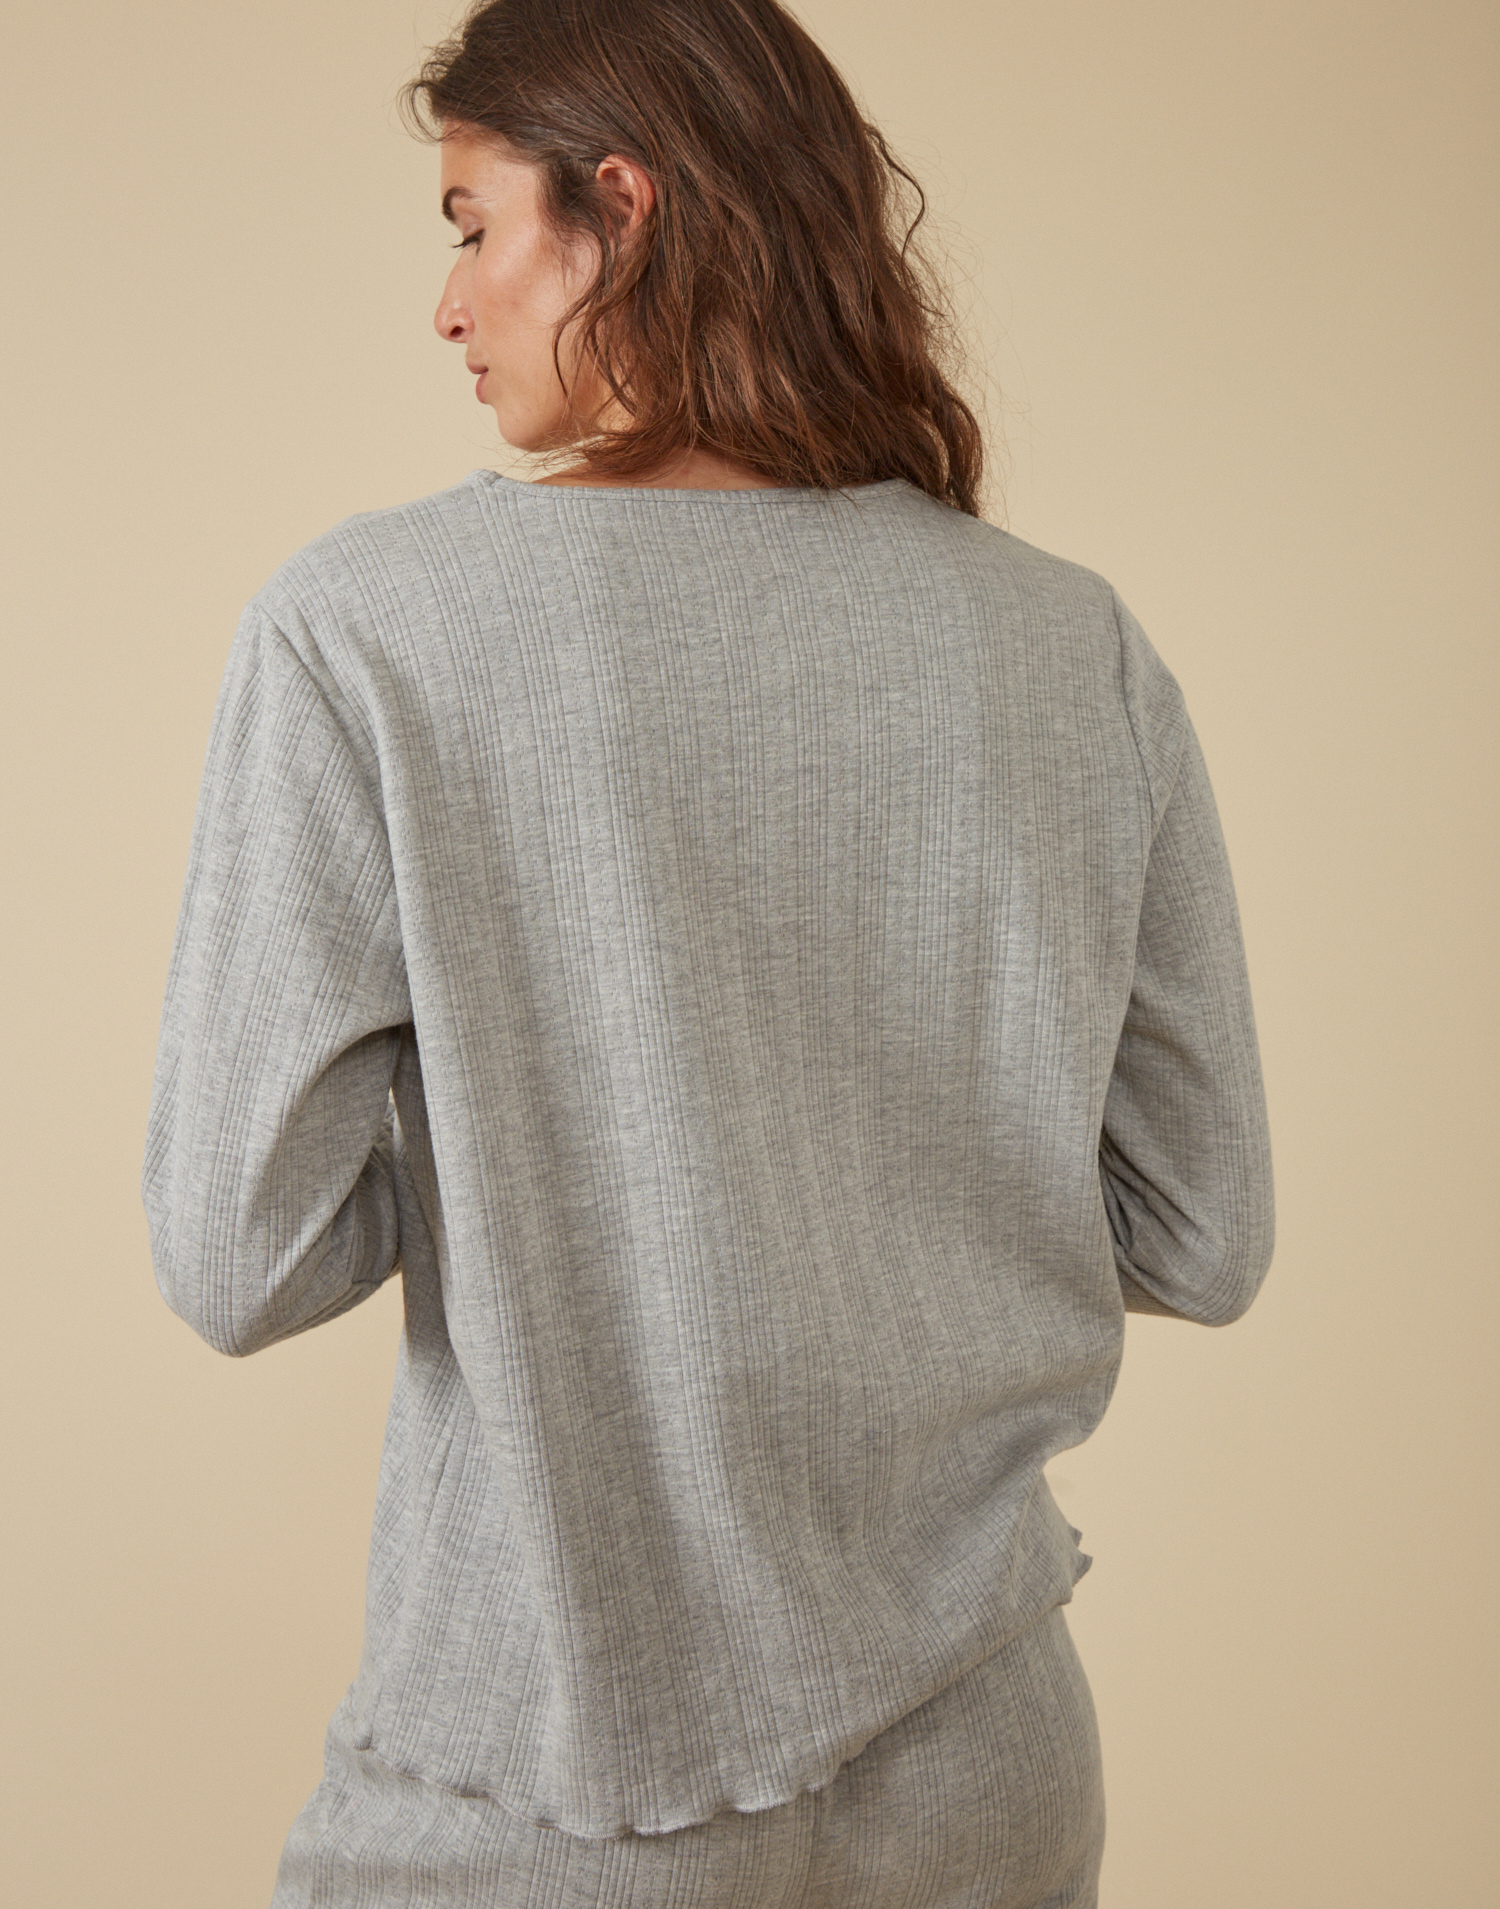 Openwork homewear long-sleeved t-shirt